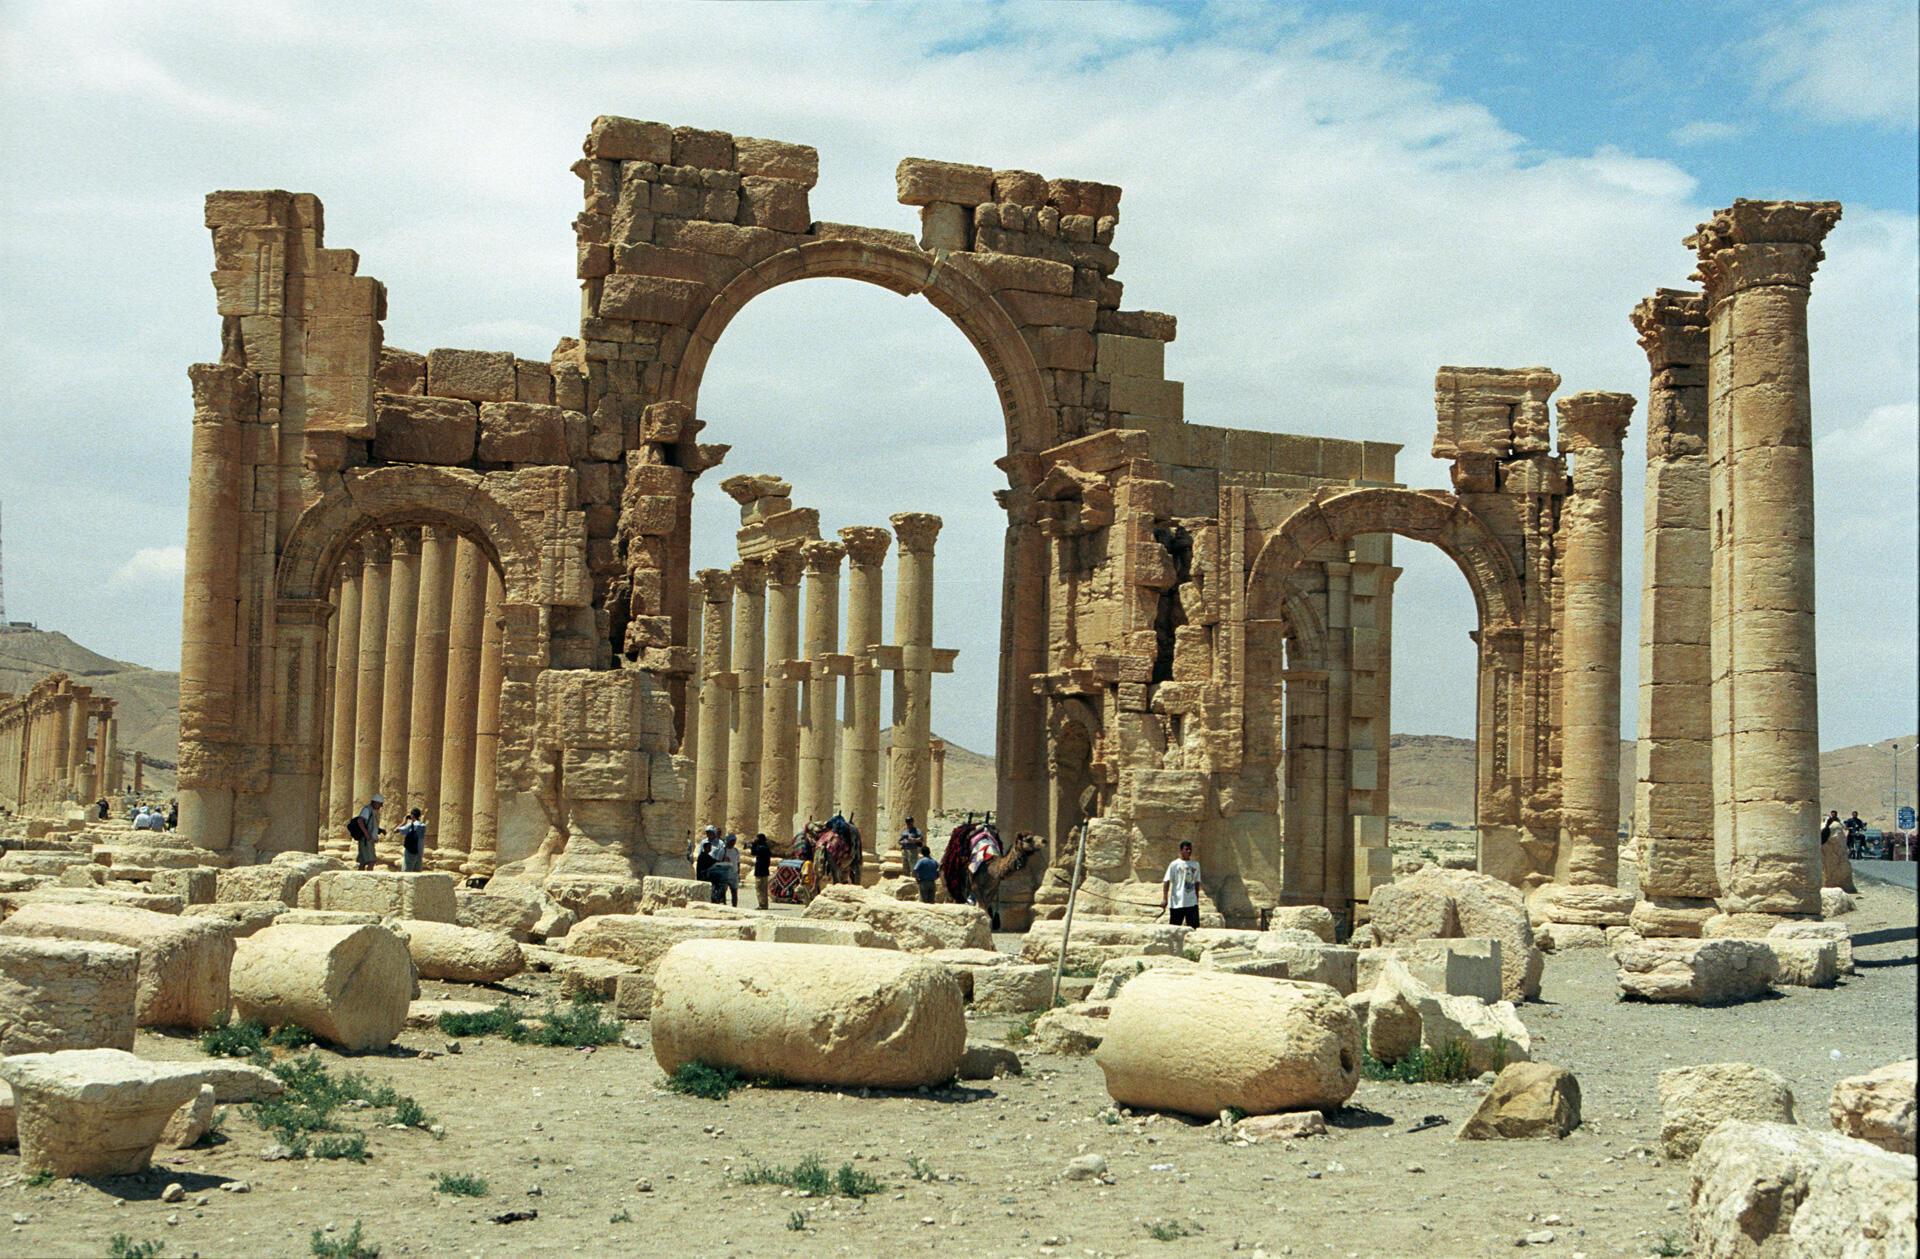 Colunas romanas do sítio arqueológico de Palmira, no sudoeste da Síria, ameaçado pelo grupo Estado Islâmico.